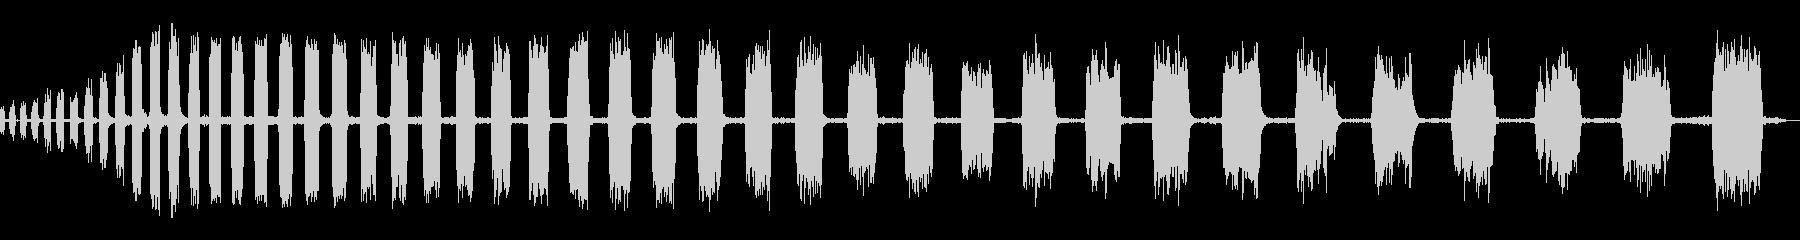 チャッターブレーキのスクラッピングの未再生の波形